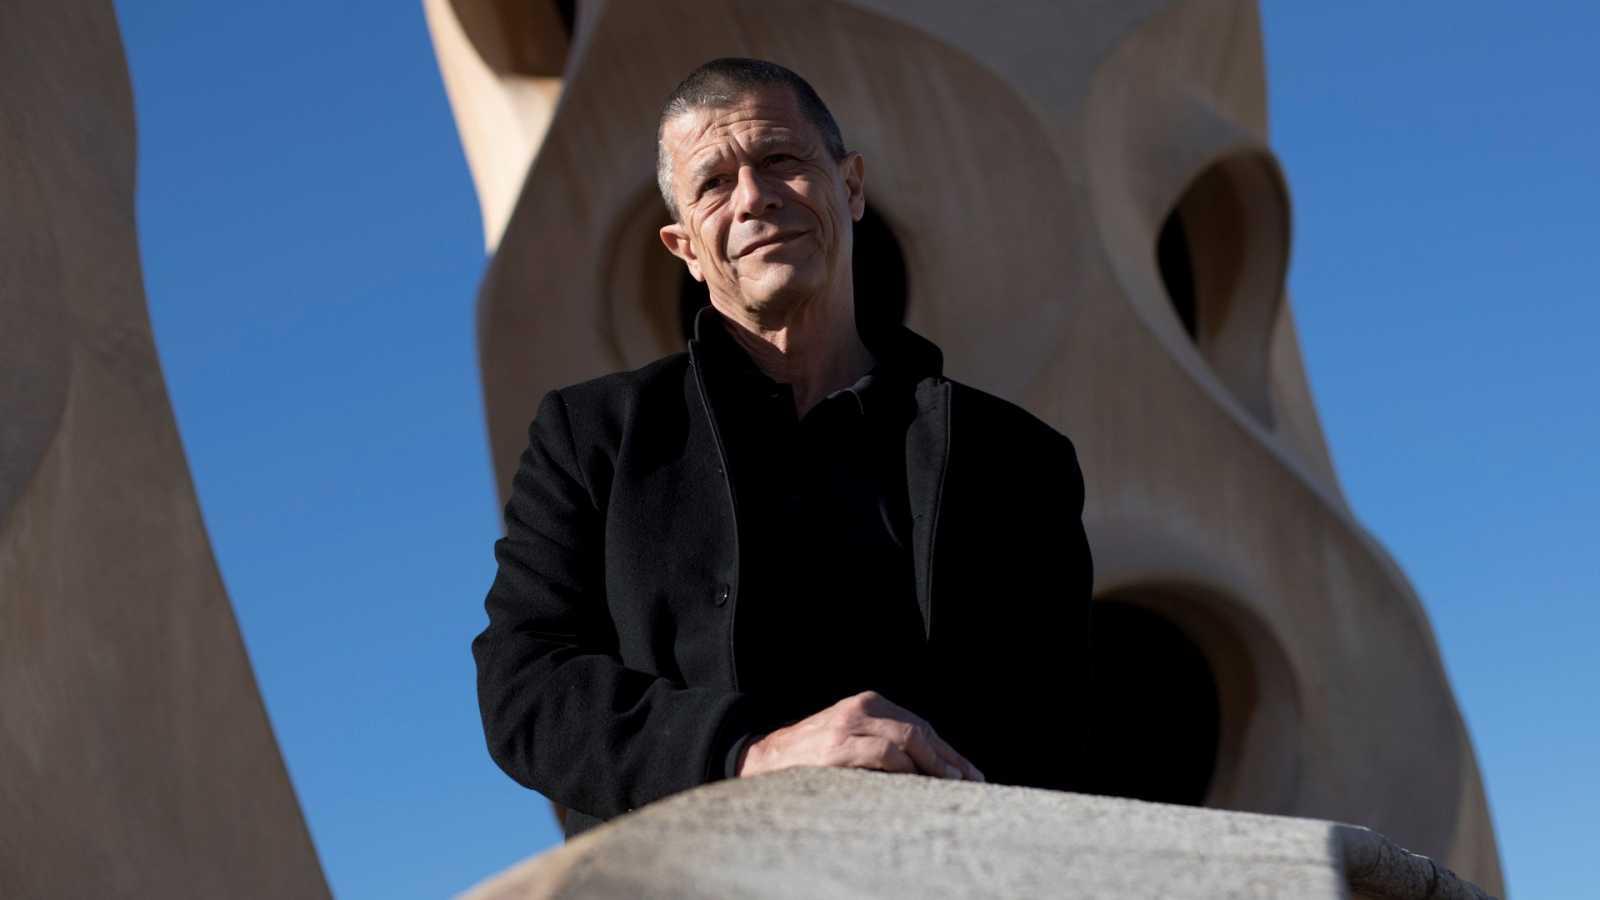 Emmanuel Carrère habla de 'Yoga': de la meditación a una profunda depresión personal